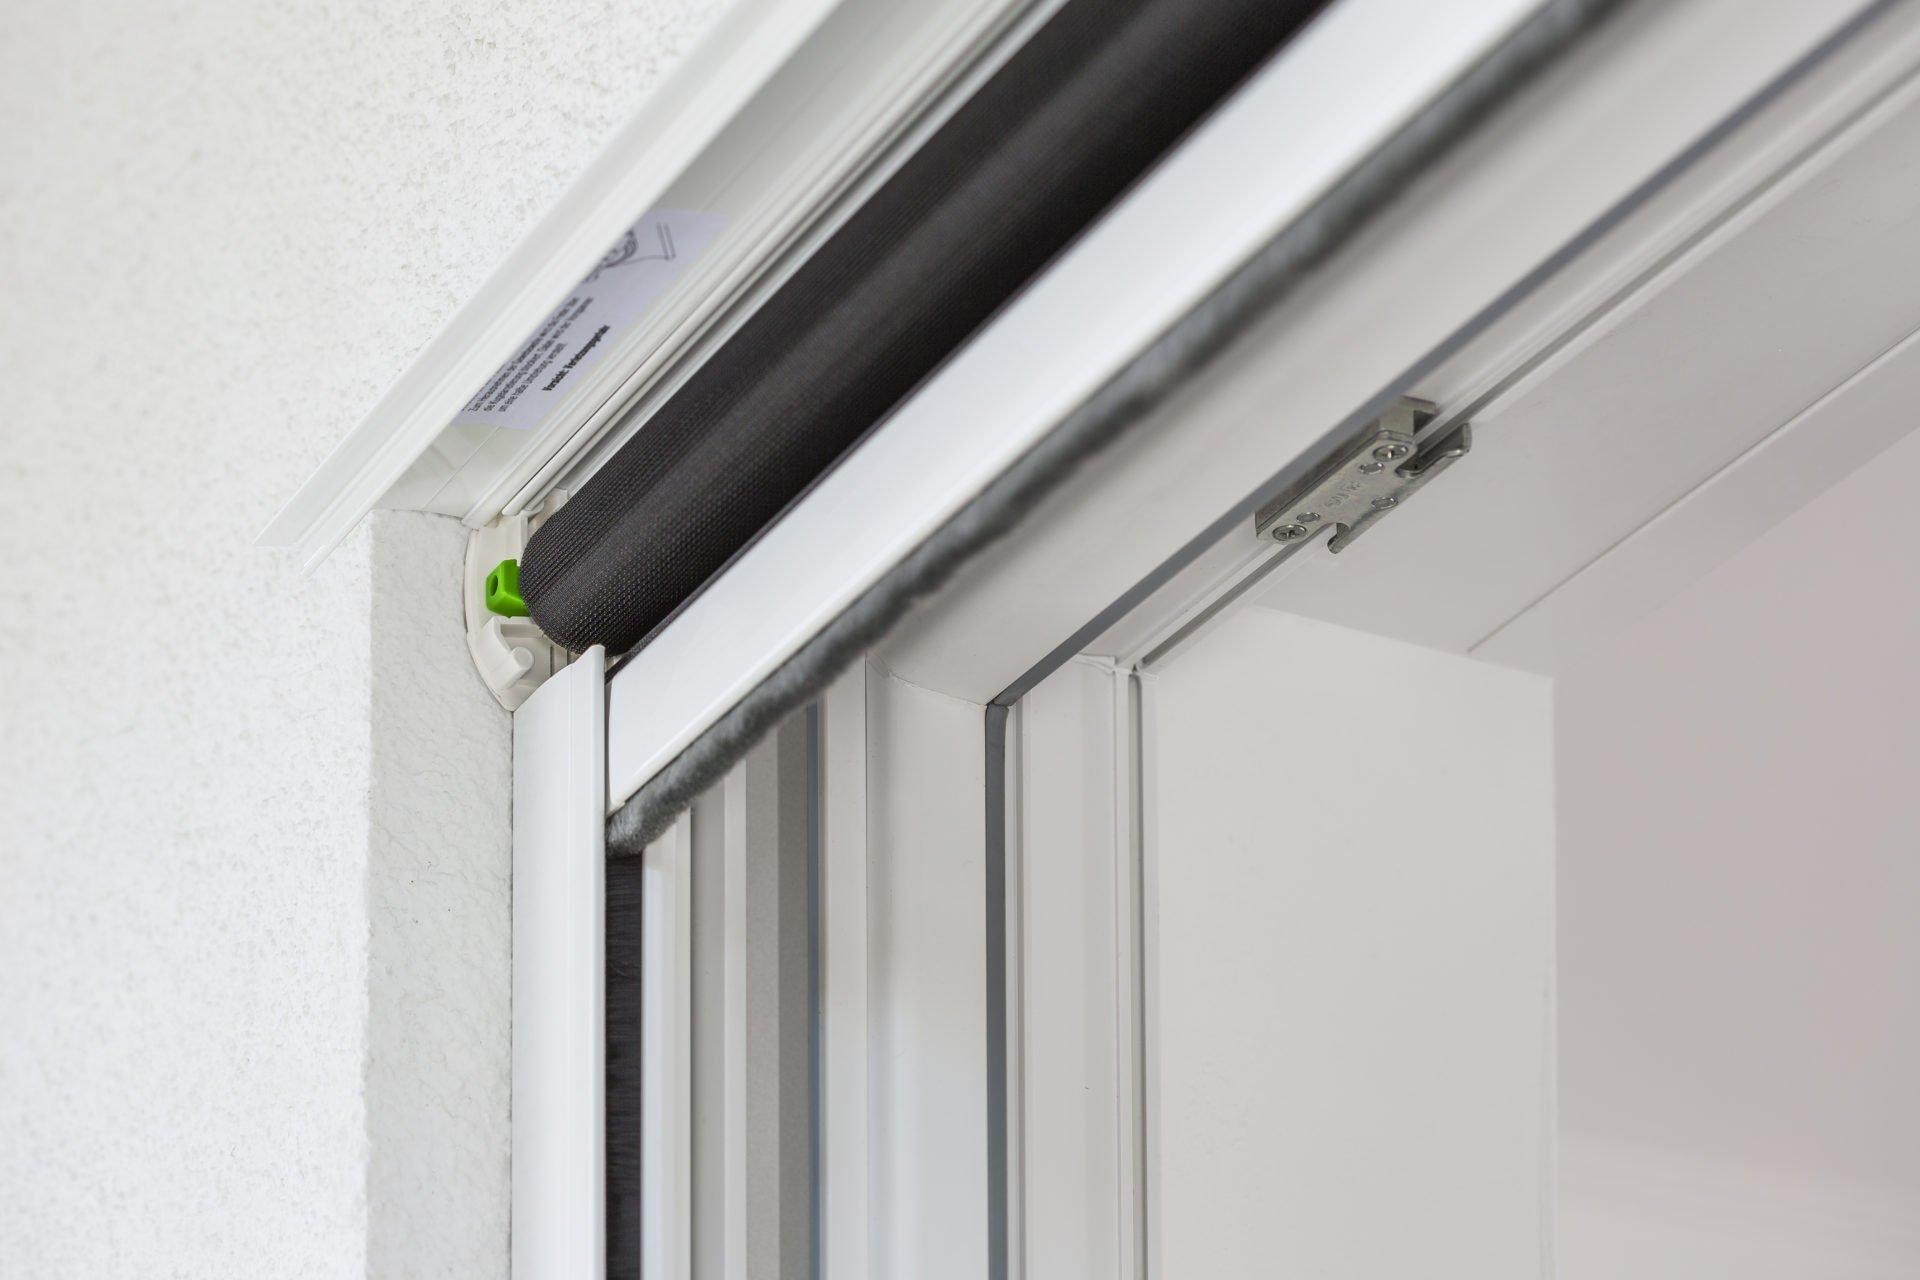 Full Size of Fliegennetz Fenster Insektenschutzrollo Von Neher Fr Tren Landhaus Mit Rolladen Insektenschutz Einbau Sonnenschutz Für Köln Austauschen Kosten Holz Alu Fenster Fliegennetz Fenster